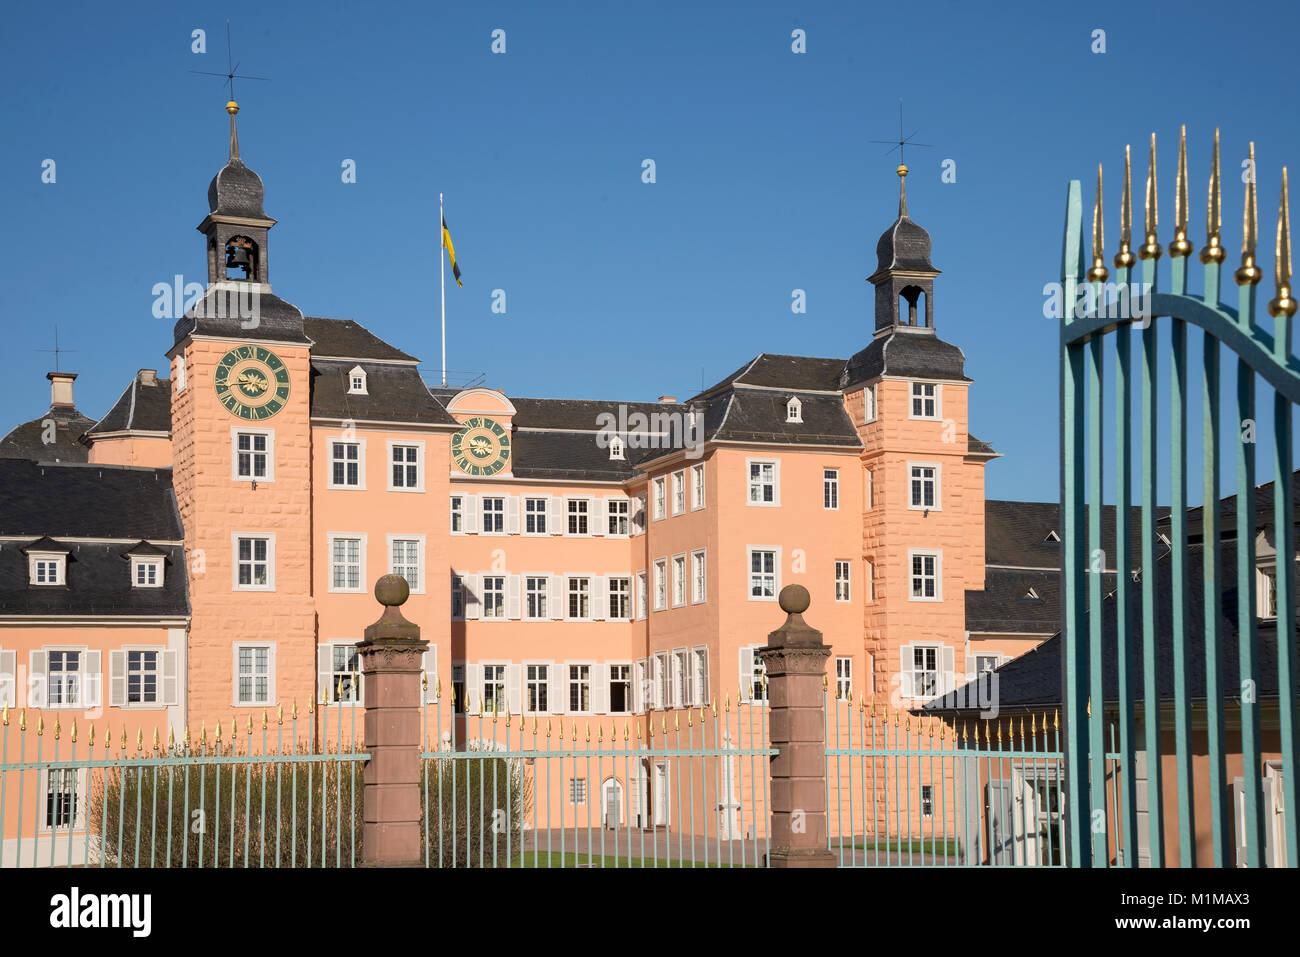 Schloss Schwetzingen, Schwetzingen - Palast, Schwetzingen, Baden-Württemberg, Deutschland, Europa Stockbild